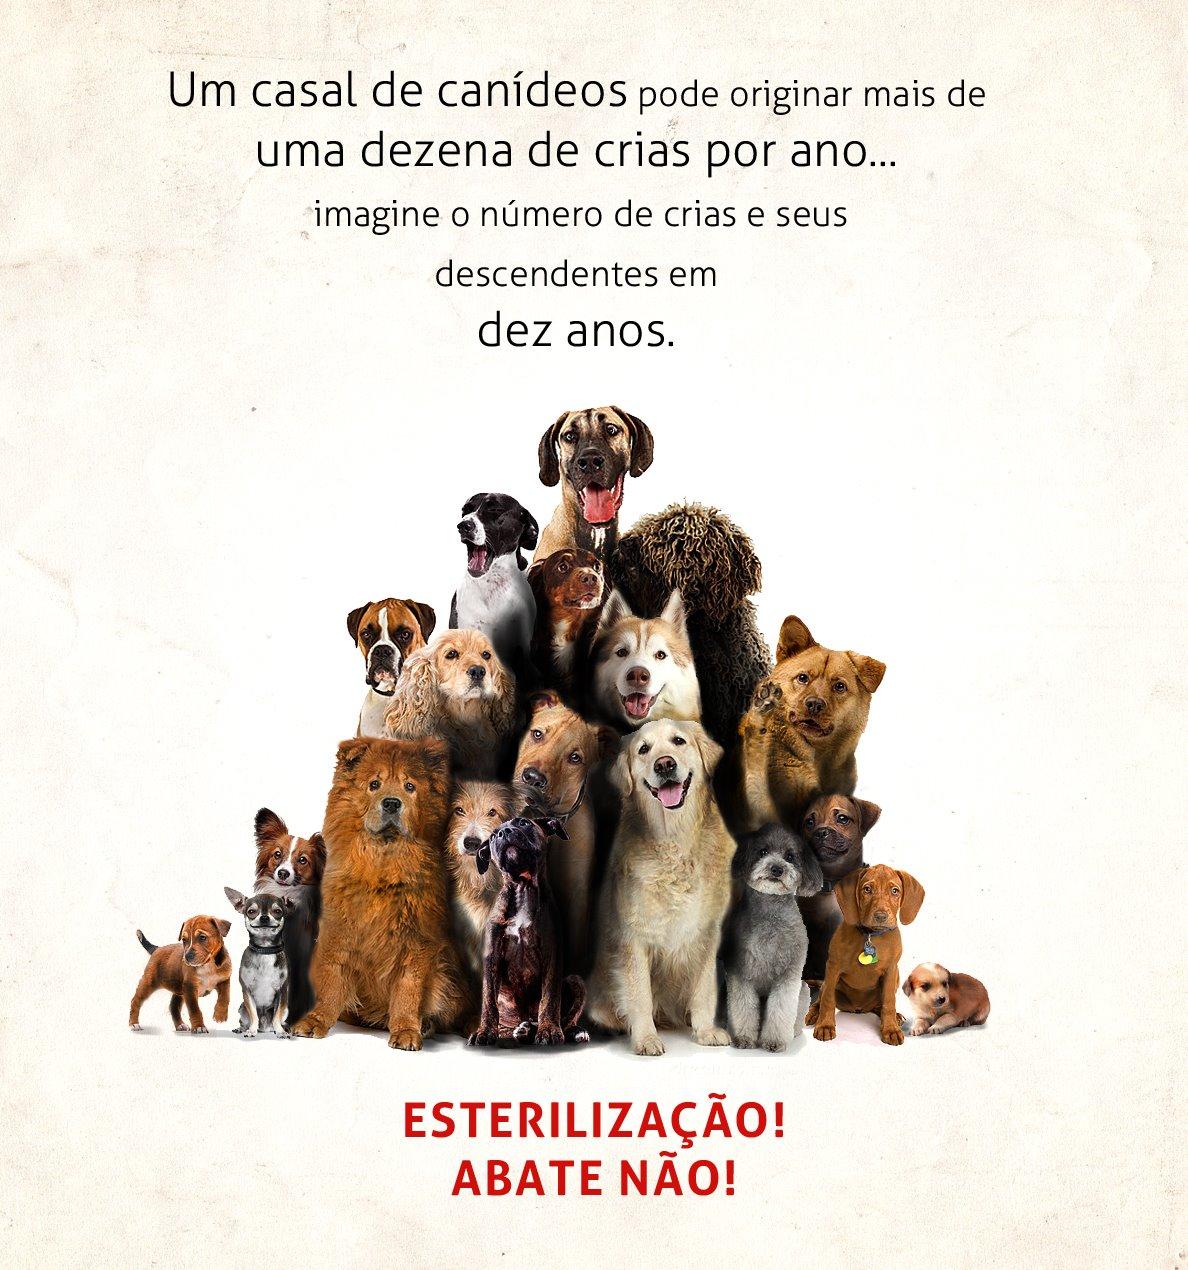 Campanha de Esterilização de Animais de Rua critica métodos da CM de Viseu